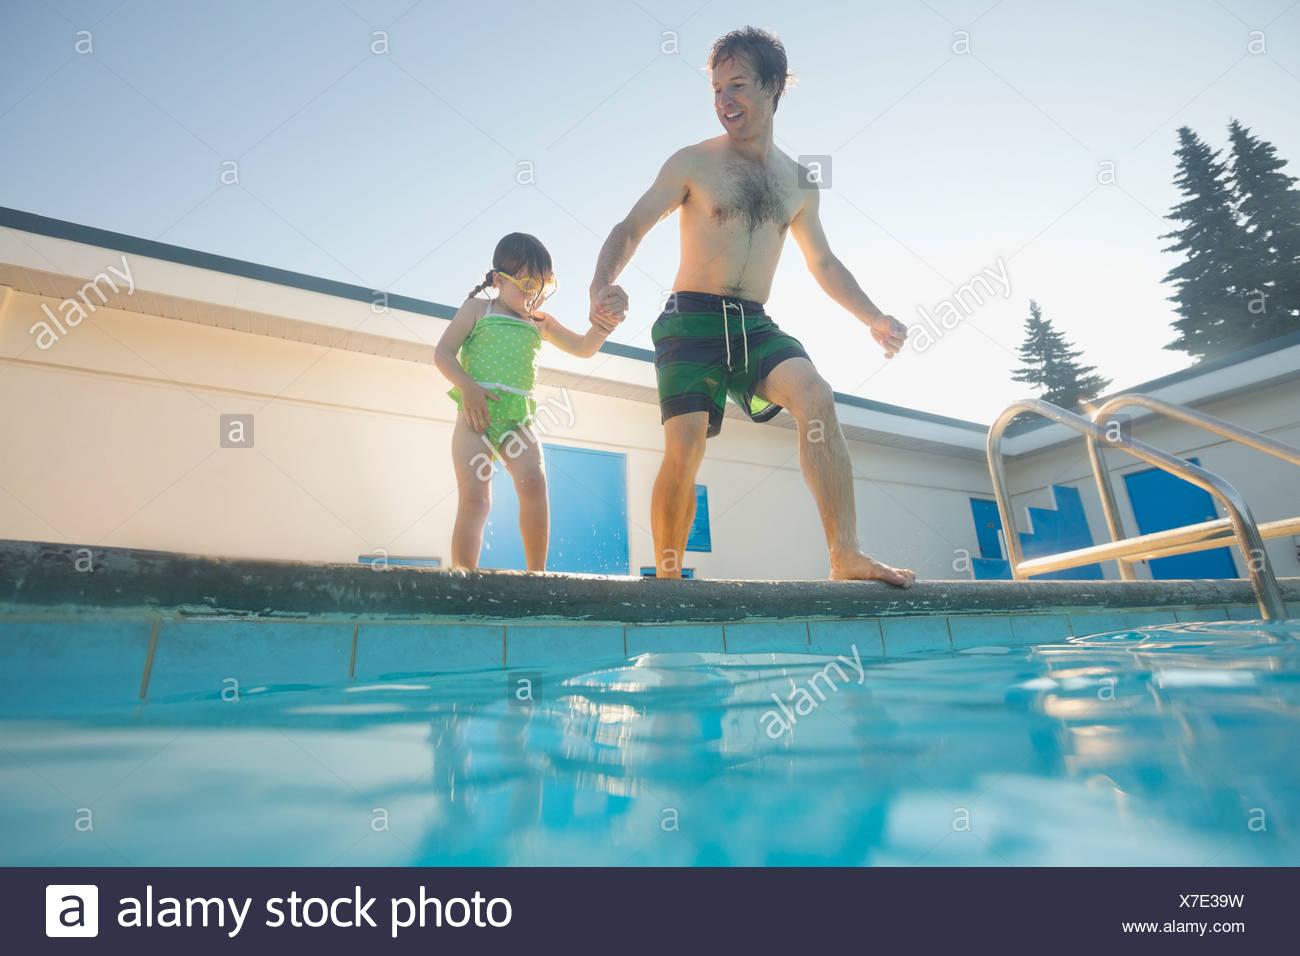 Vater und Tochter ins Schwimmbad springen wird vorbereitet Stockbild